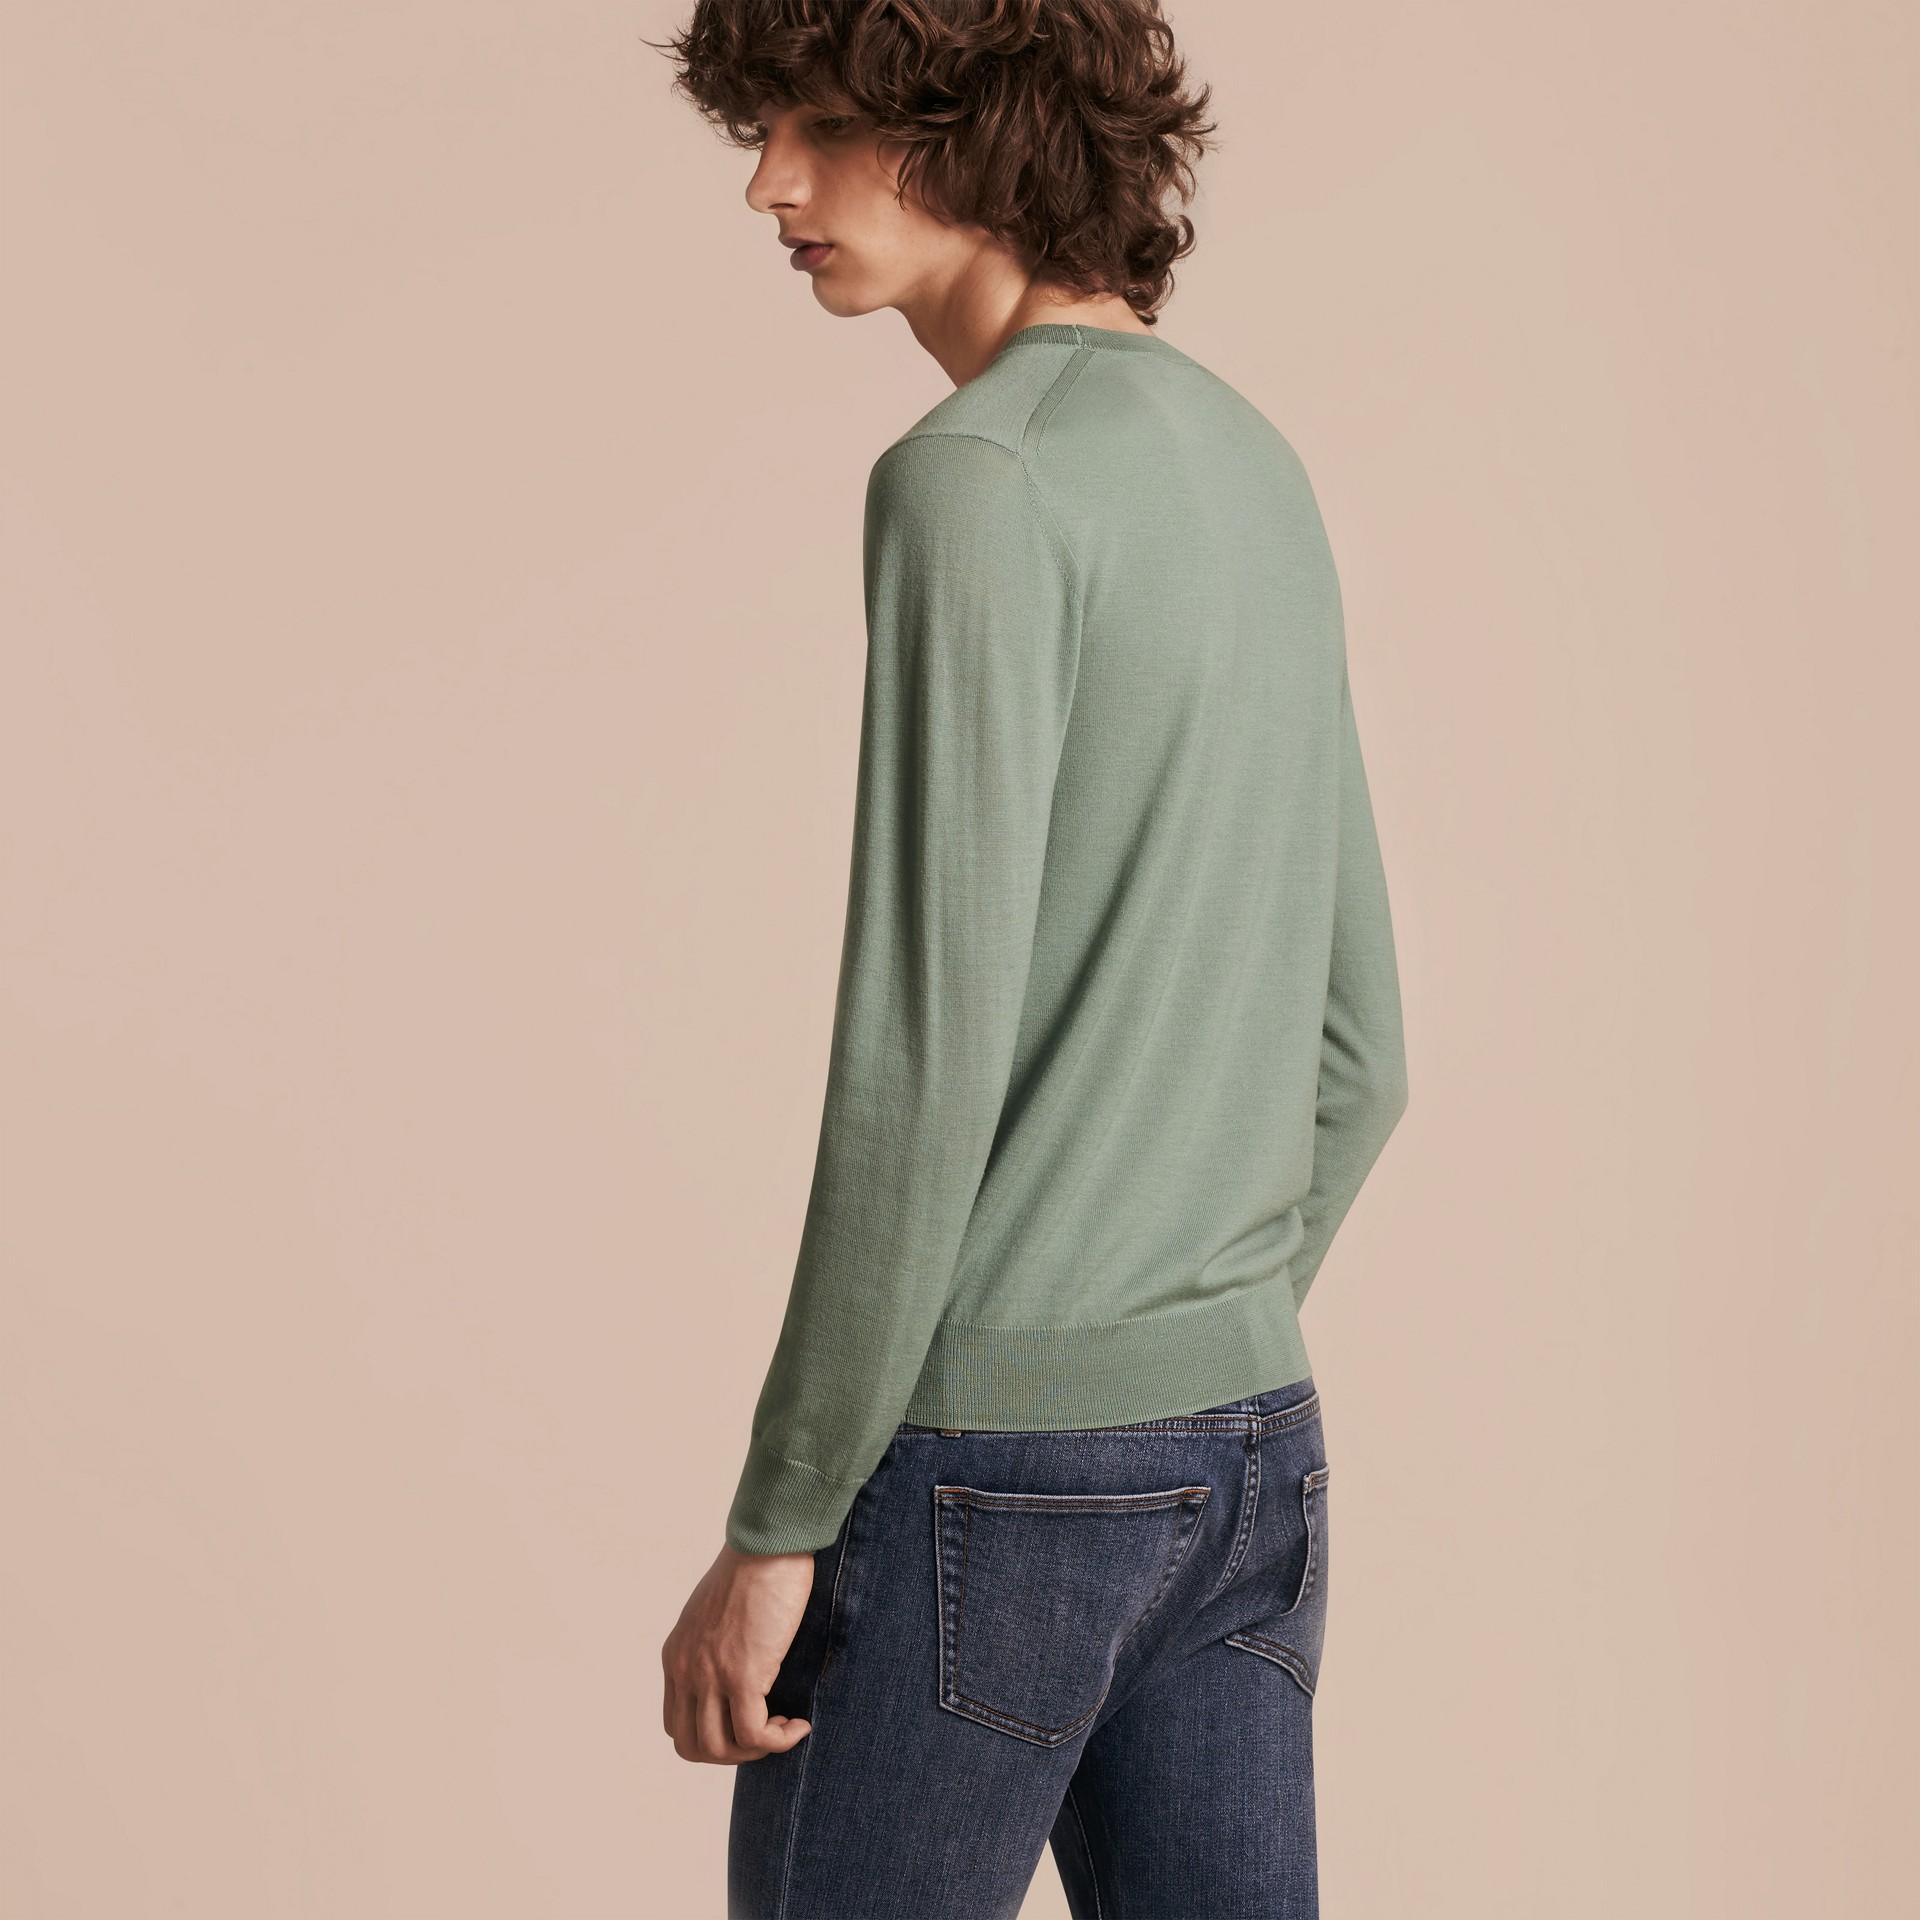 Зеленый эвкалипт Свитер из мериносовой шерсти с круглым вырезом Зеленый Эвкалипт - изображение 3